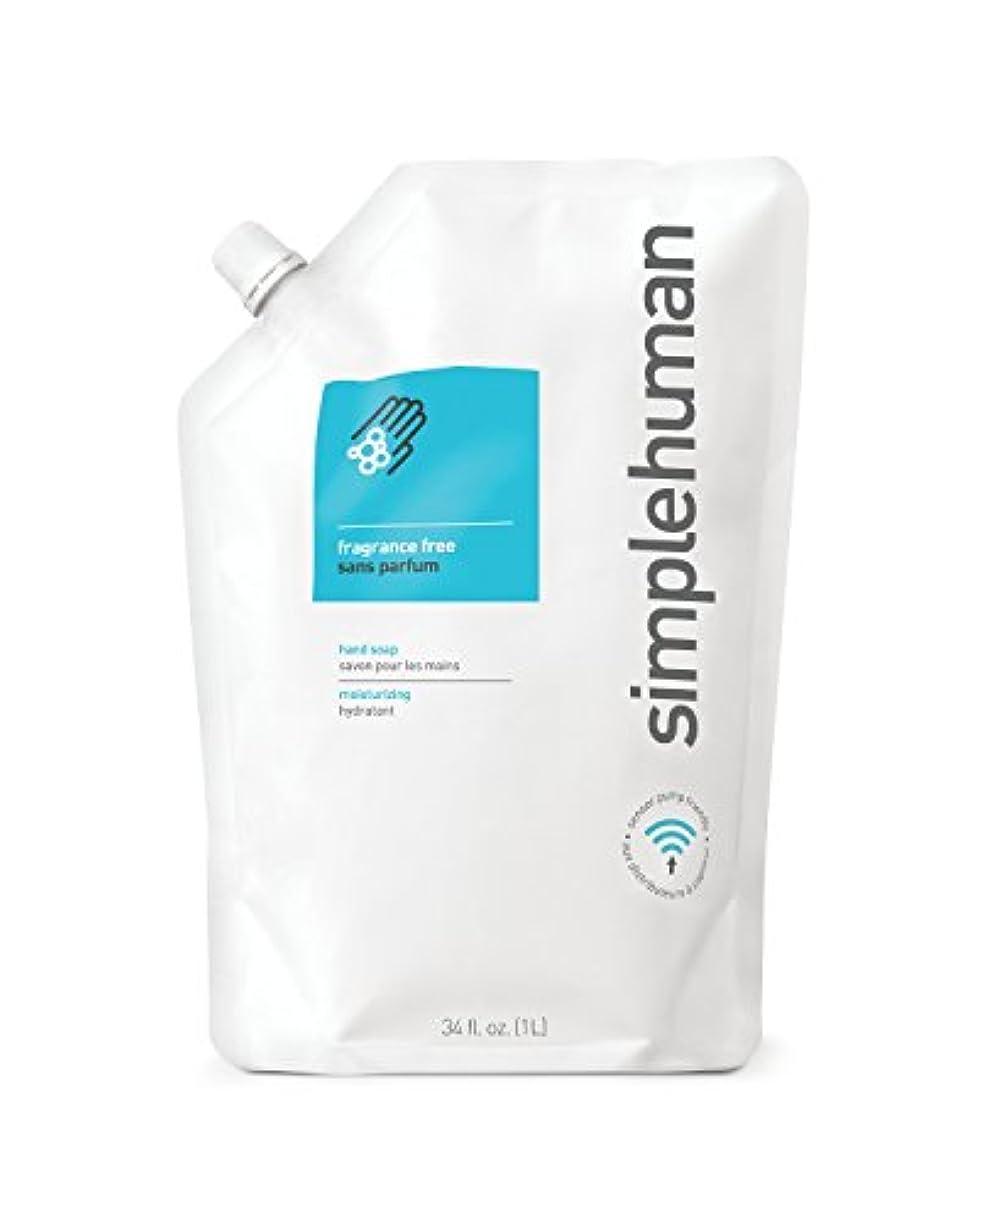 どこでもラジウムかもめsimplehuman(シンプルヒューマン) 保湿液体ハンドソープ詰め替えパウチ 1 Pack オフホワイト CT1023